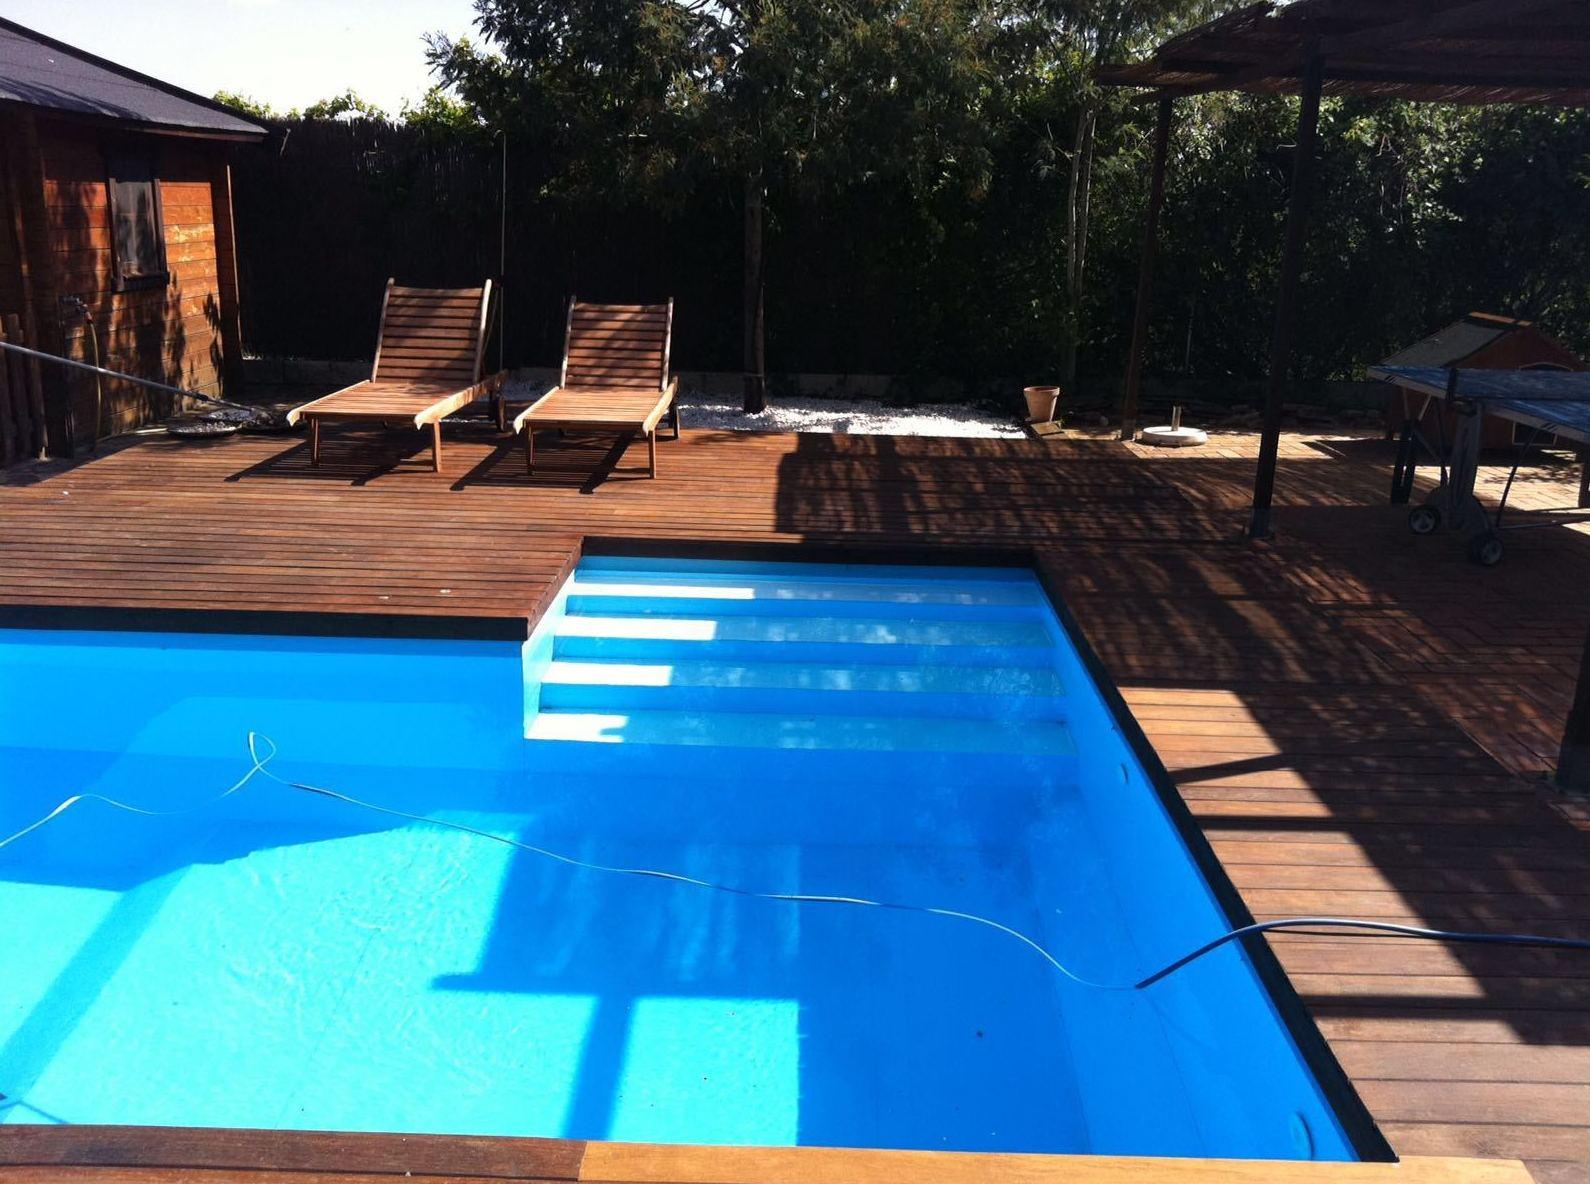 Suelos piscinas beautiful suelo para zonas de piscinas suelos de exterior en losetas bergo - Suelos para alrededor de piscinas ...